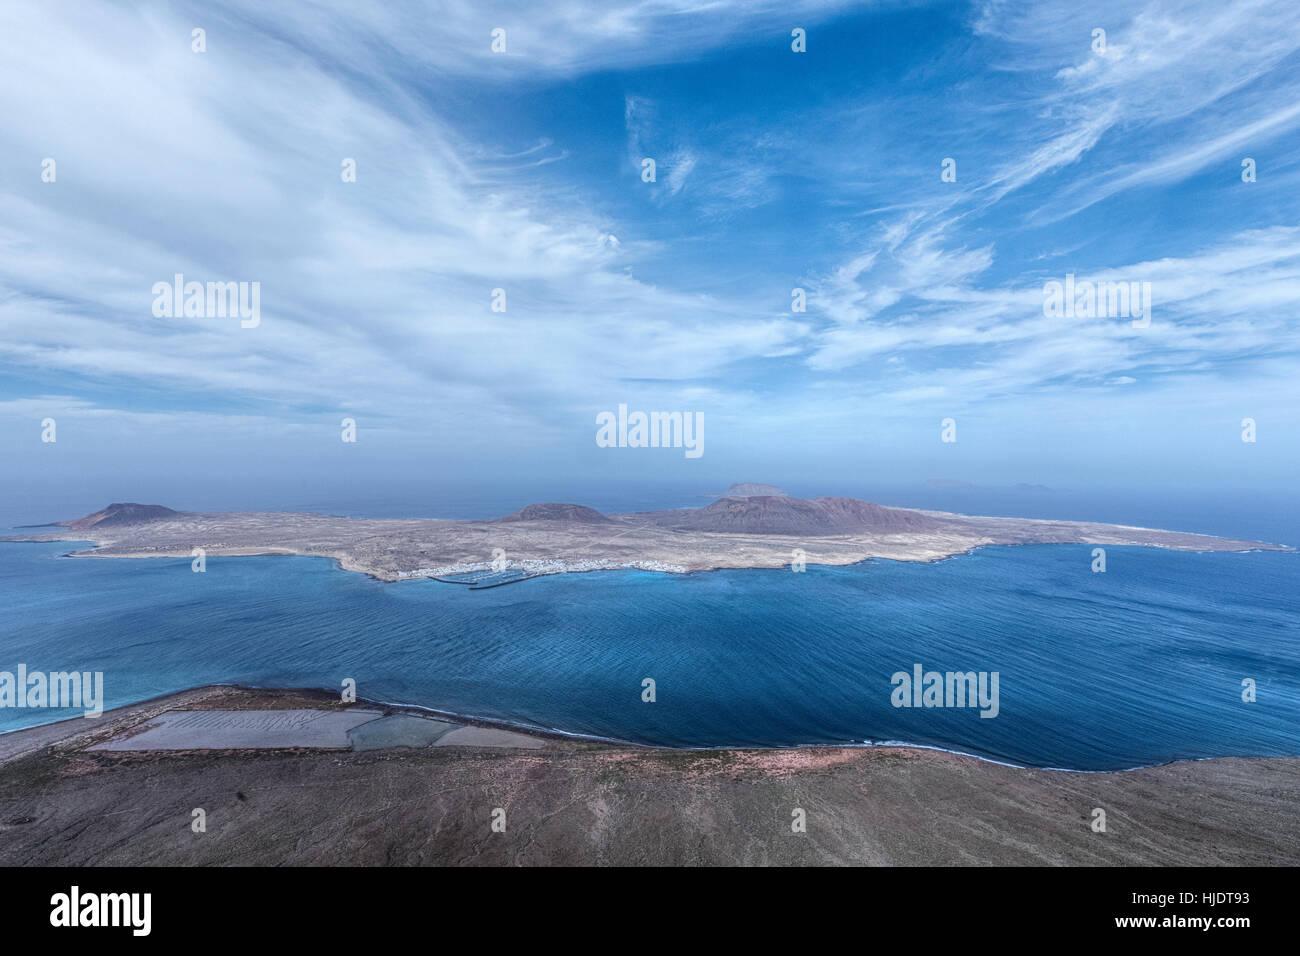 Mirador del Rio, La Graciosa, Lanzarote, Kanarische Inseln, Spanien Stockbild